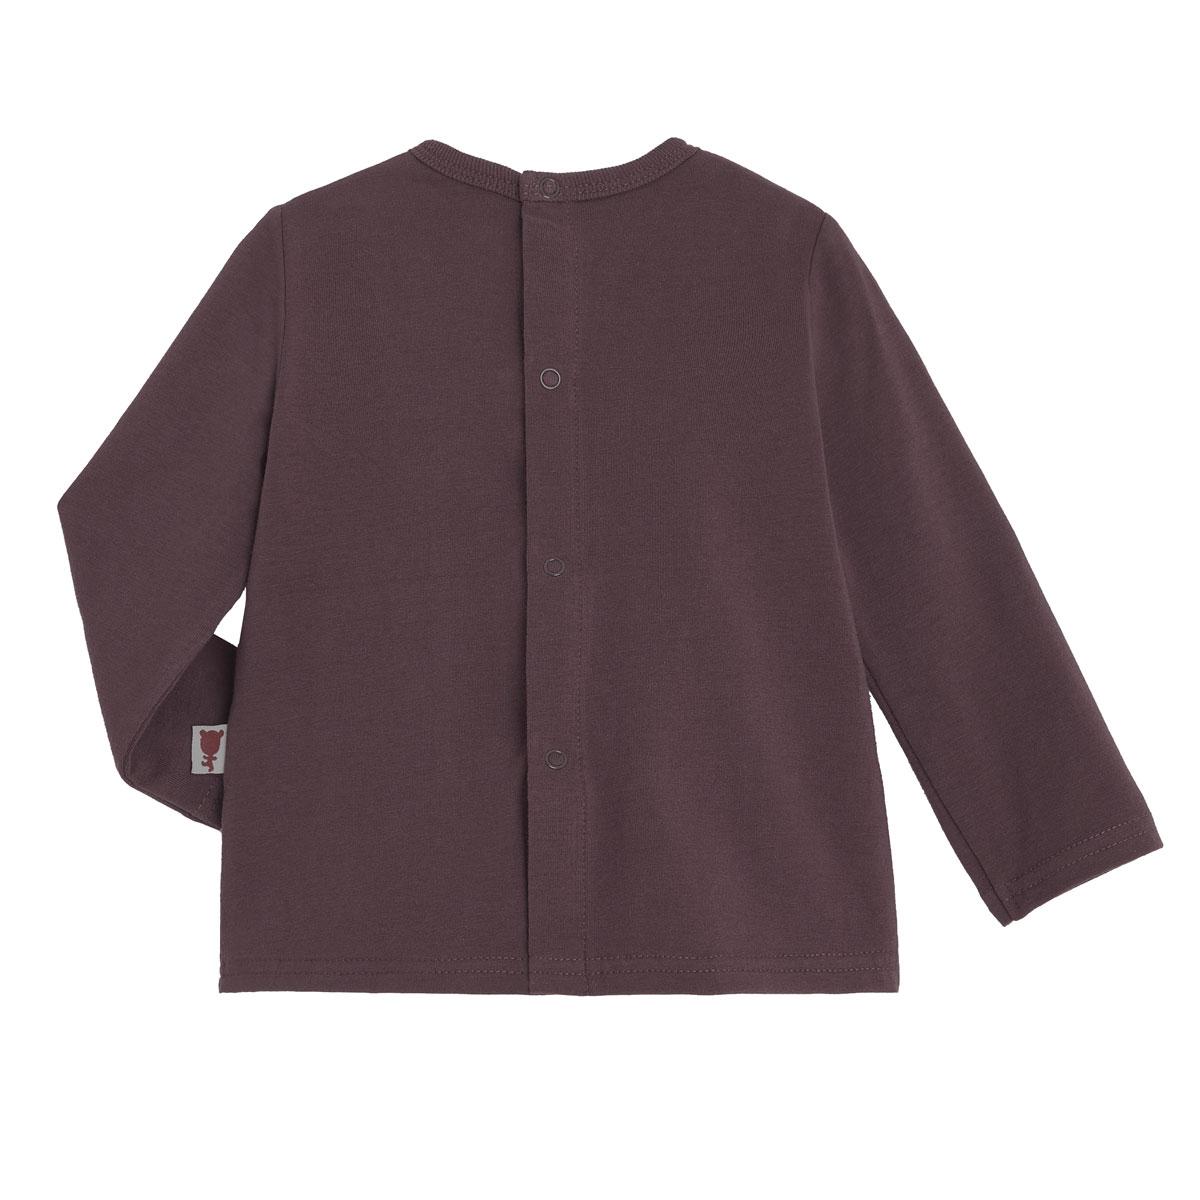 T-shirt et salopette garçon contenant du coton gratté bio Loupfoque haut dos